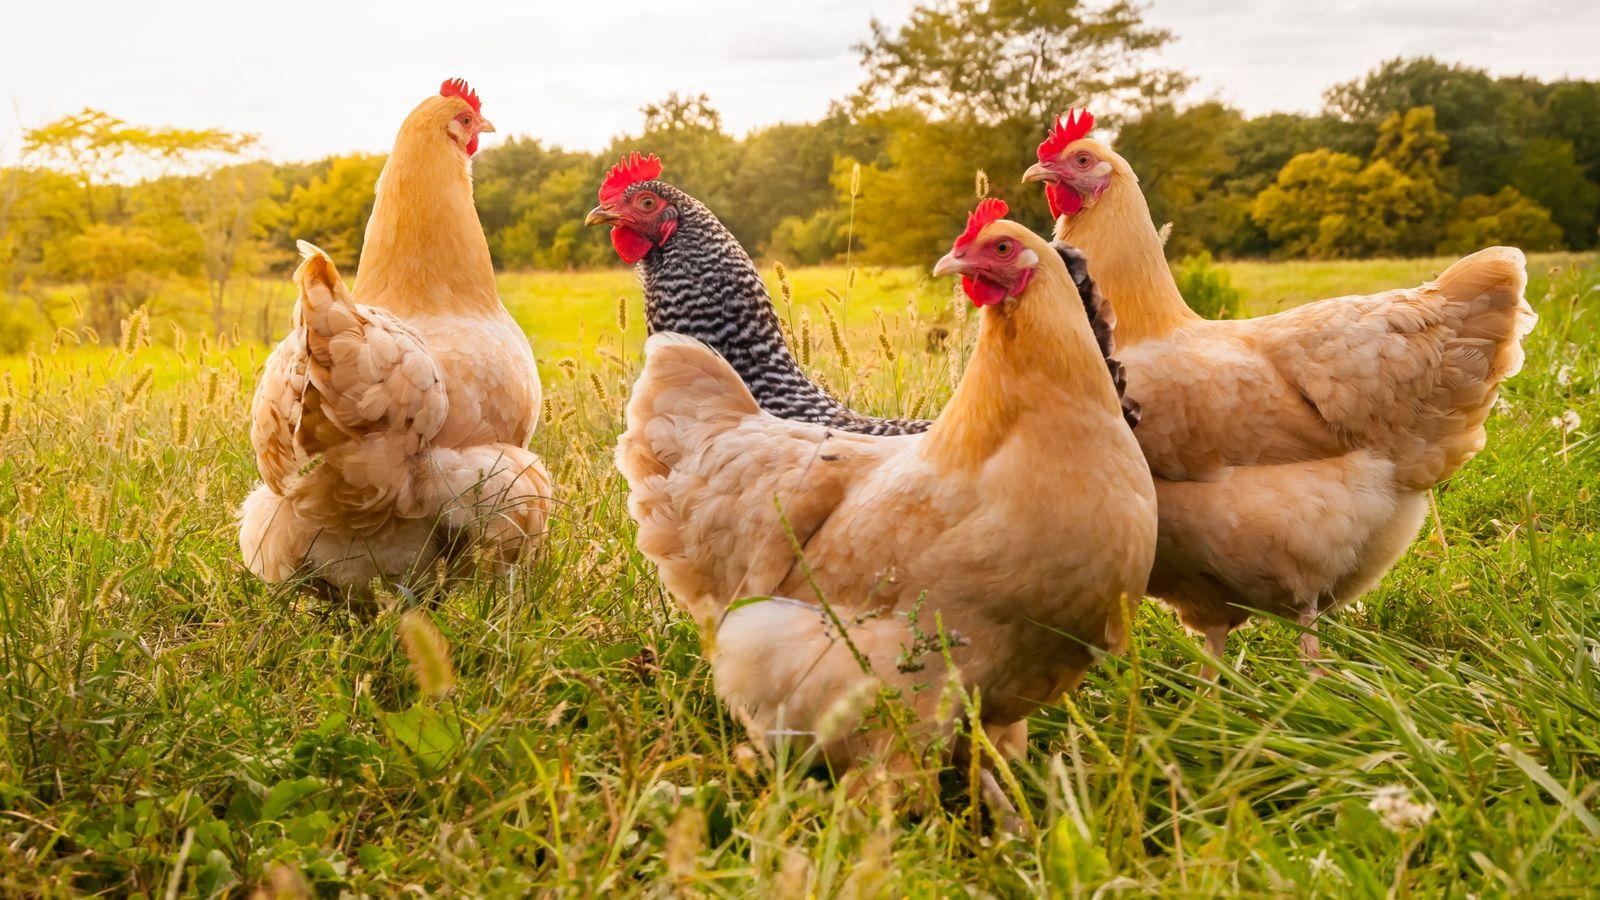 Consommer du poulet plutôt que du bœuf permettrait de réduire notre empreinte carbone alimentaire de moitié.